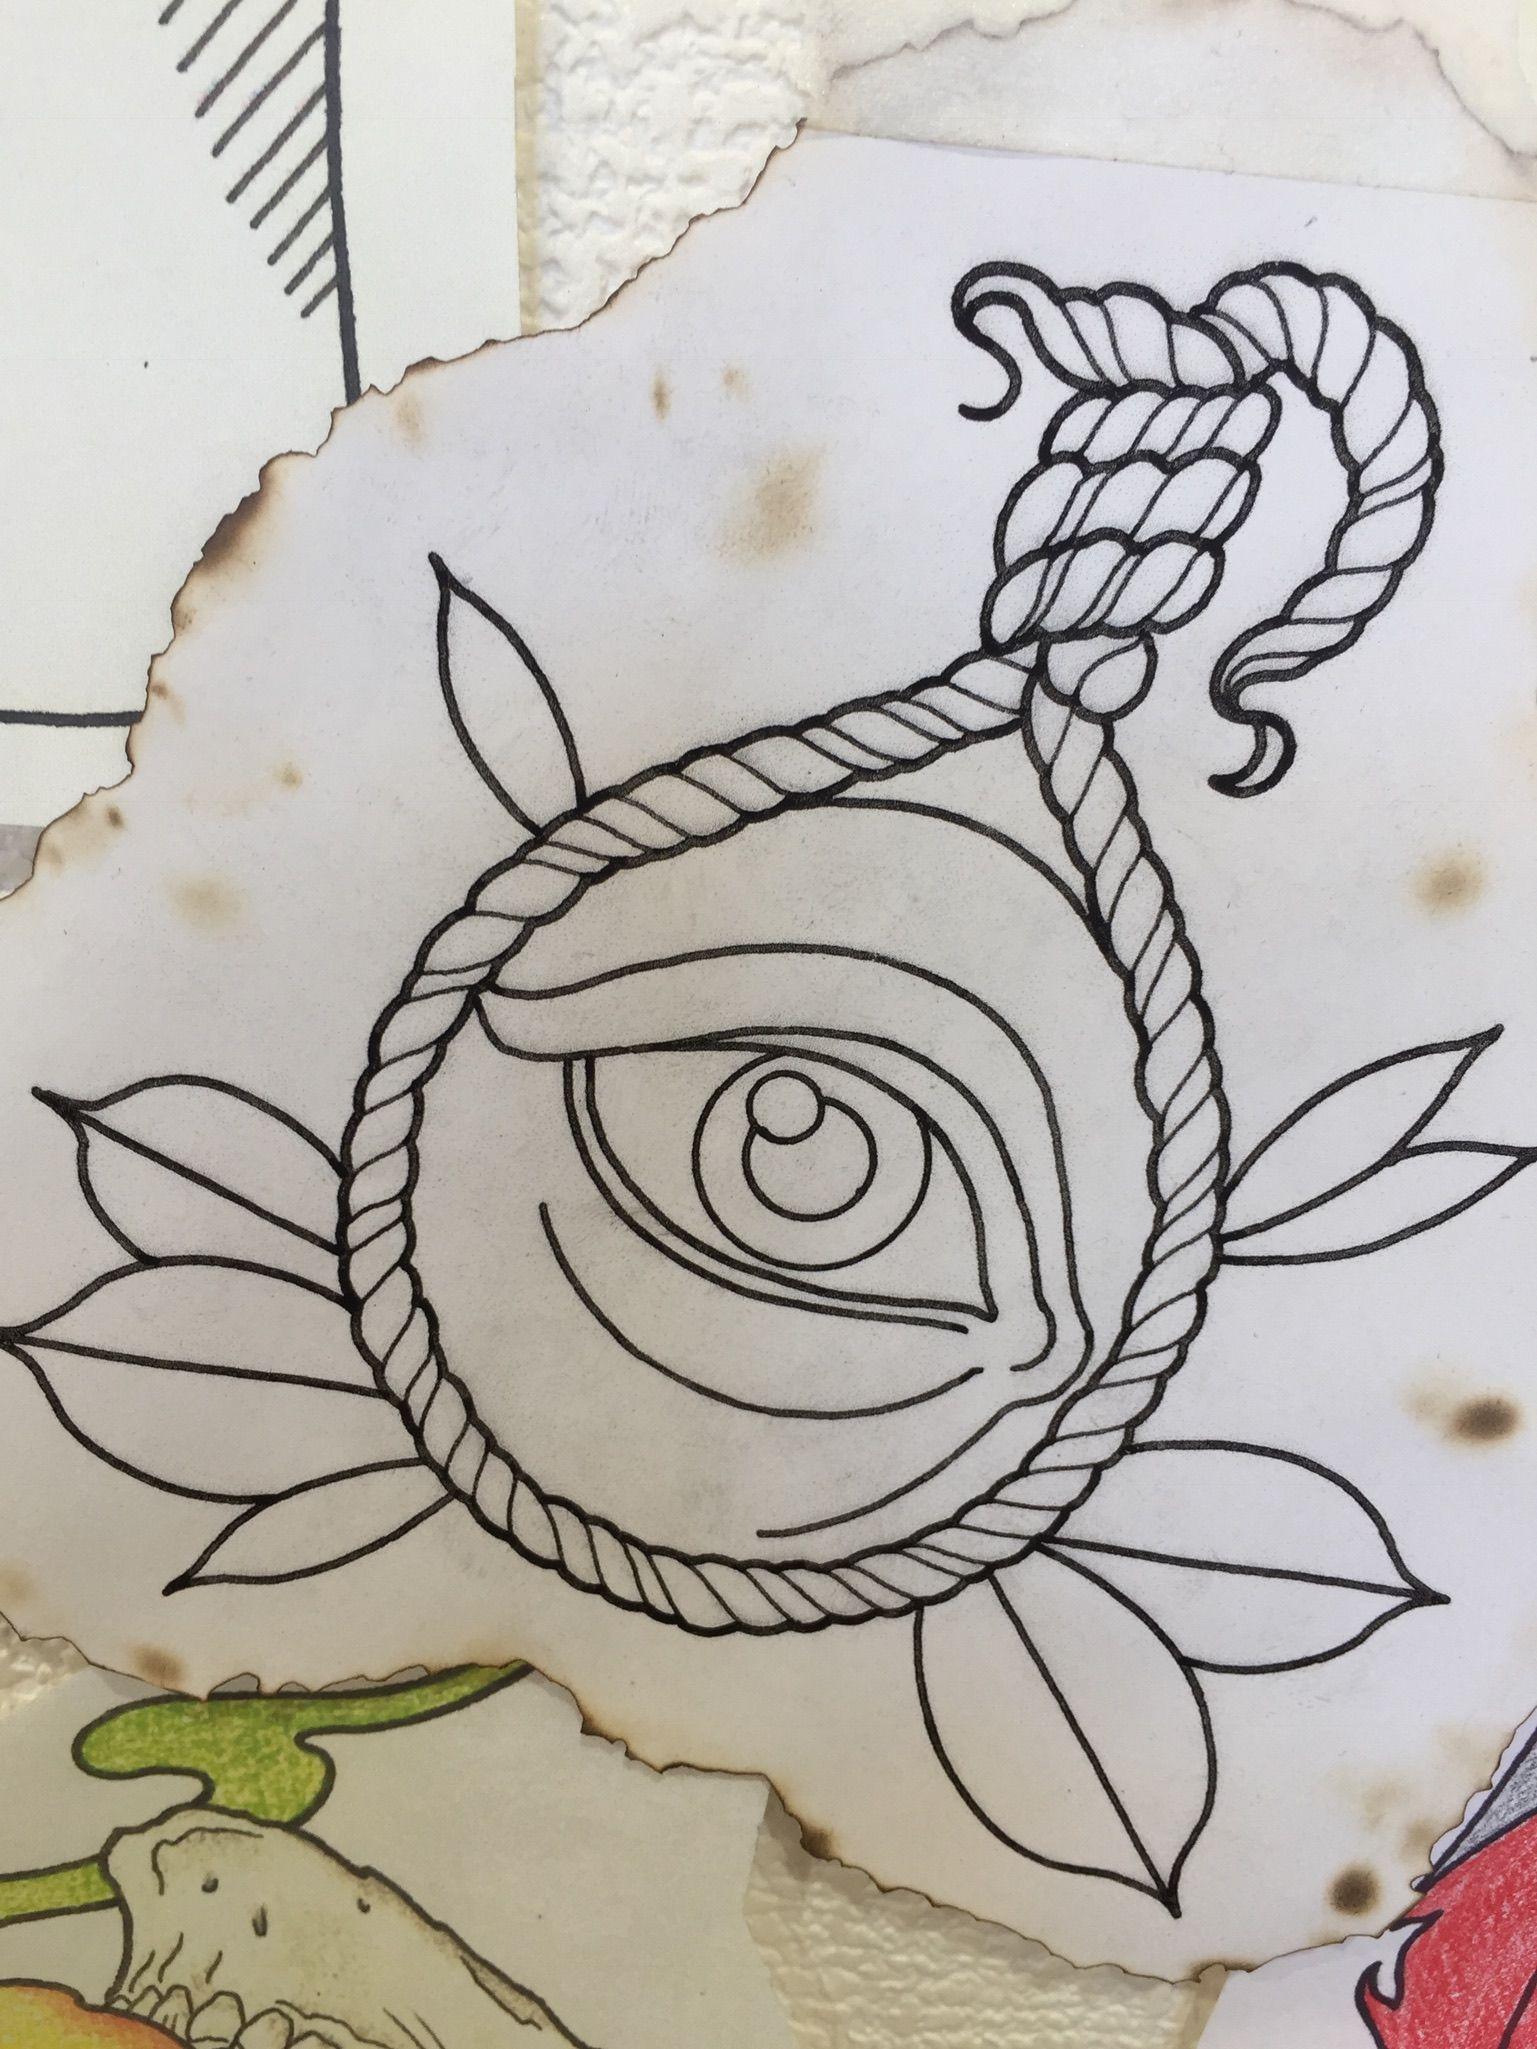 Bocetos De Tatuajes Tradicionales eye neotraditional | plantillas de tatuajes, bocetos